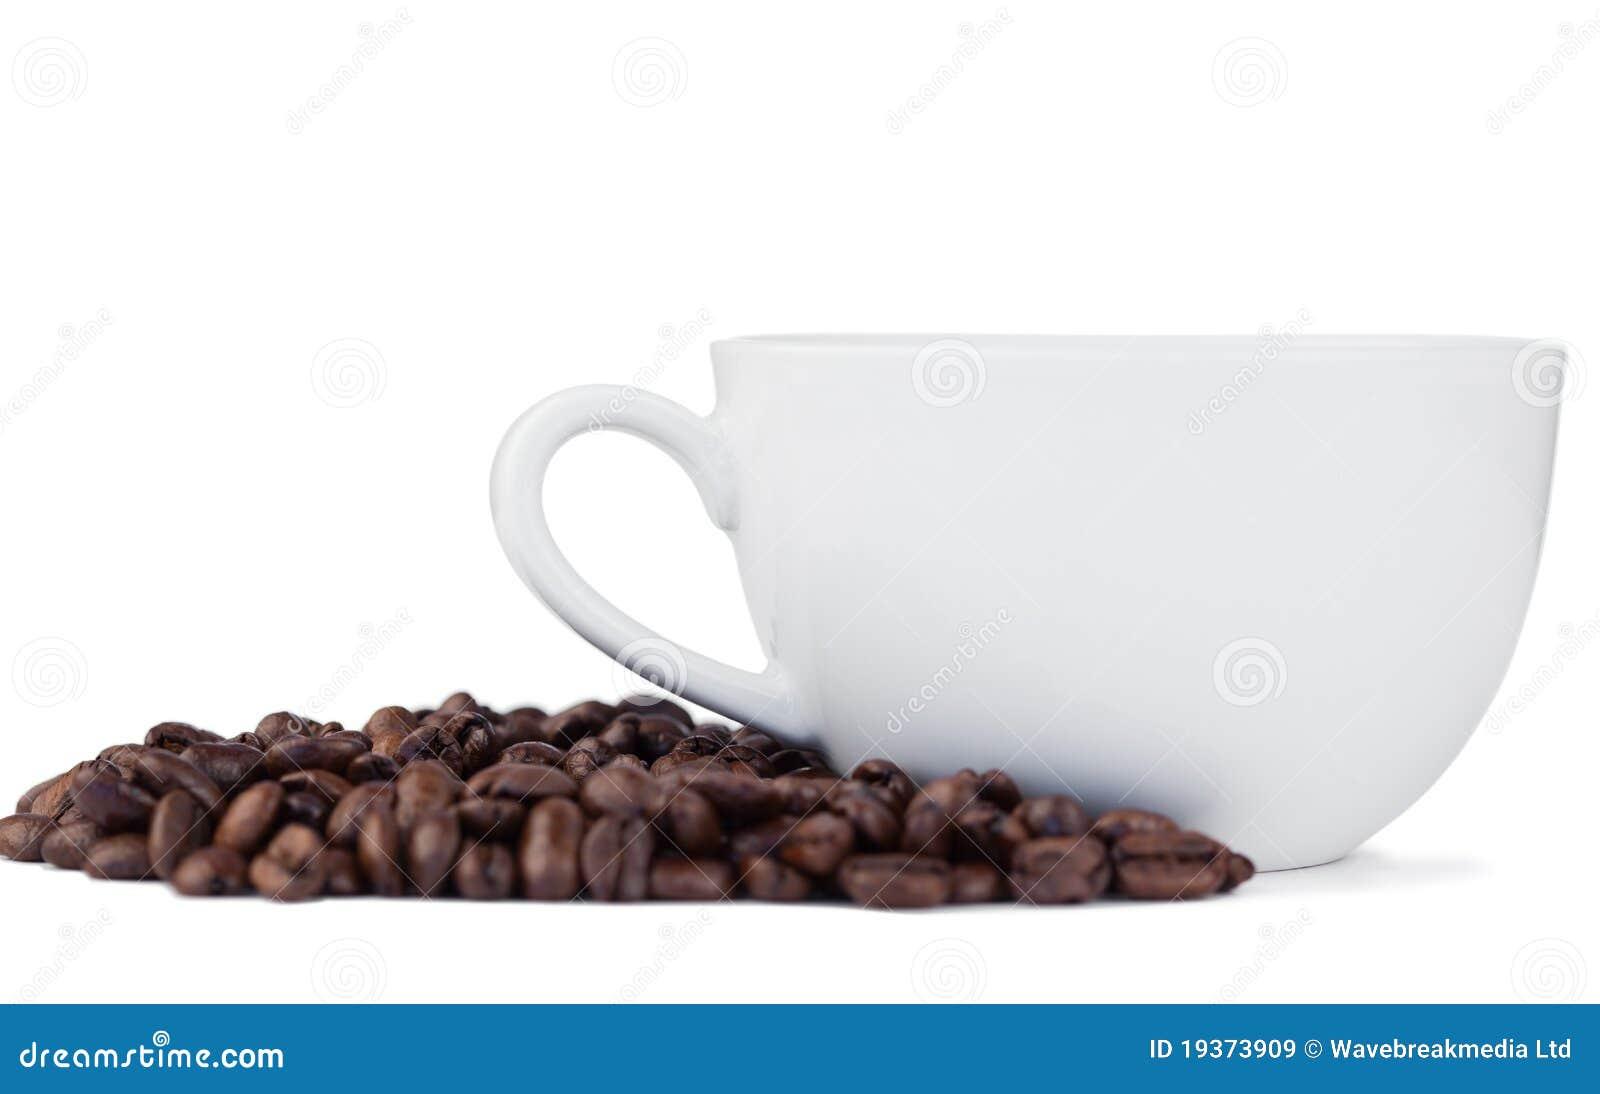 Feijões e chávena de café de café